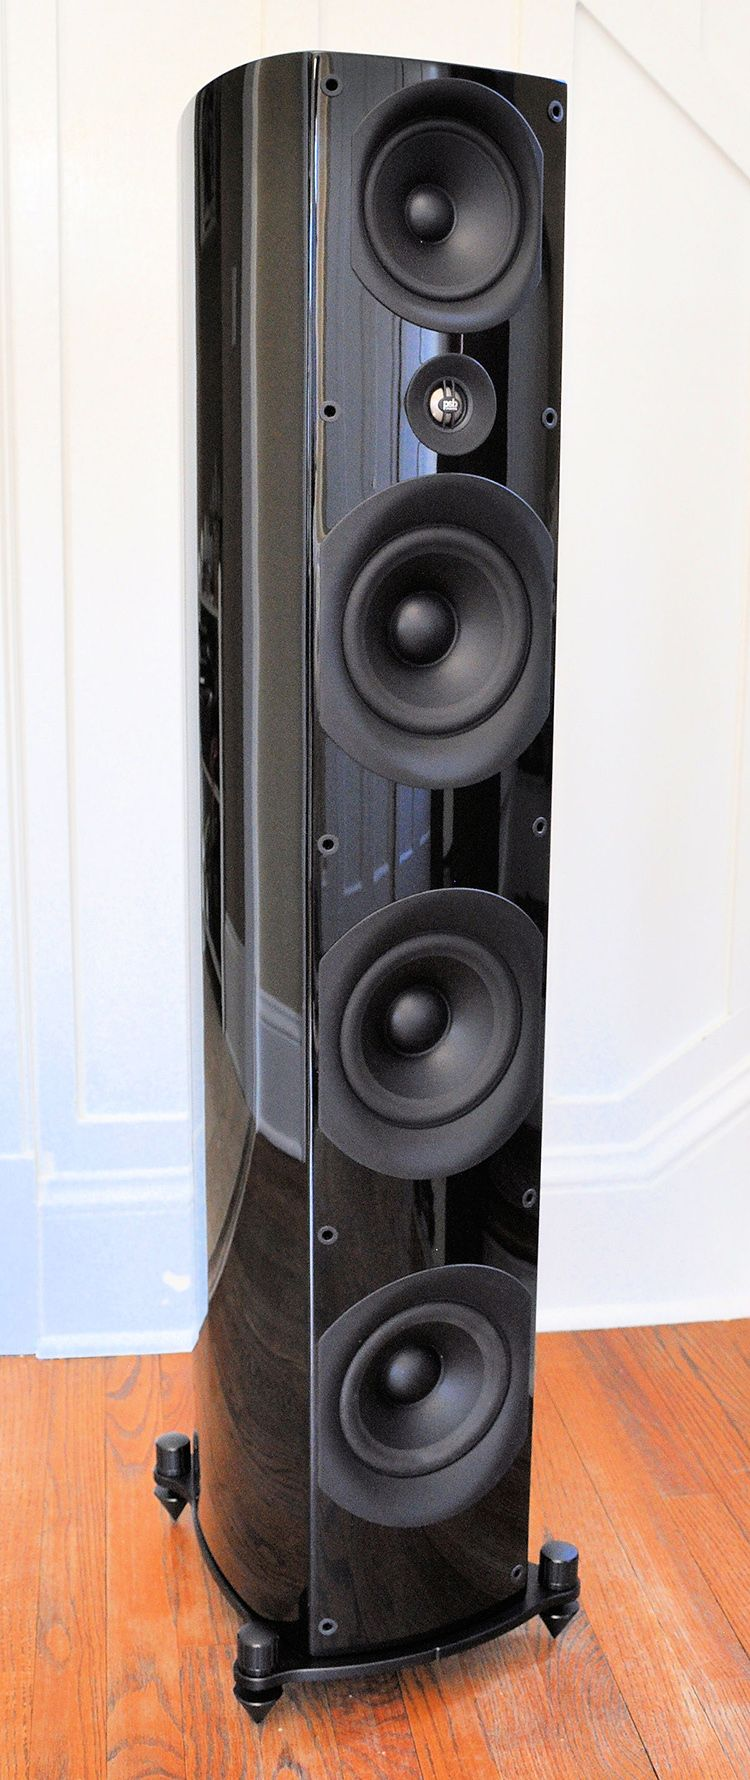 PSB Imagine T3 Floorstanding Speakers